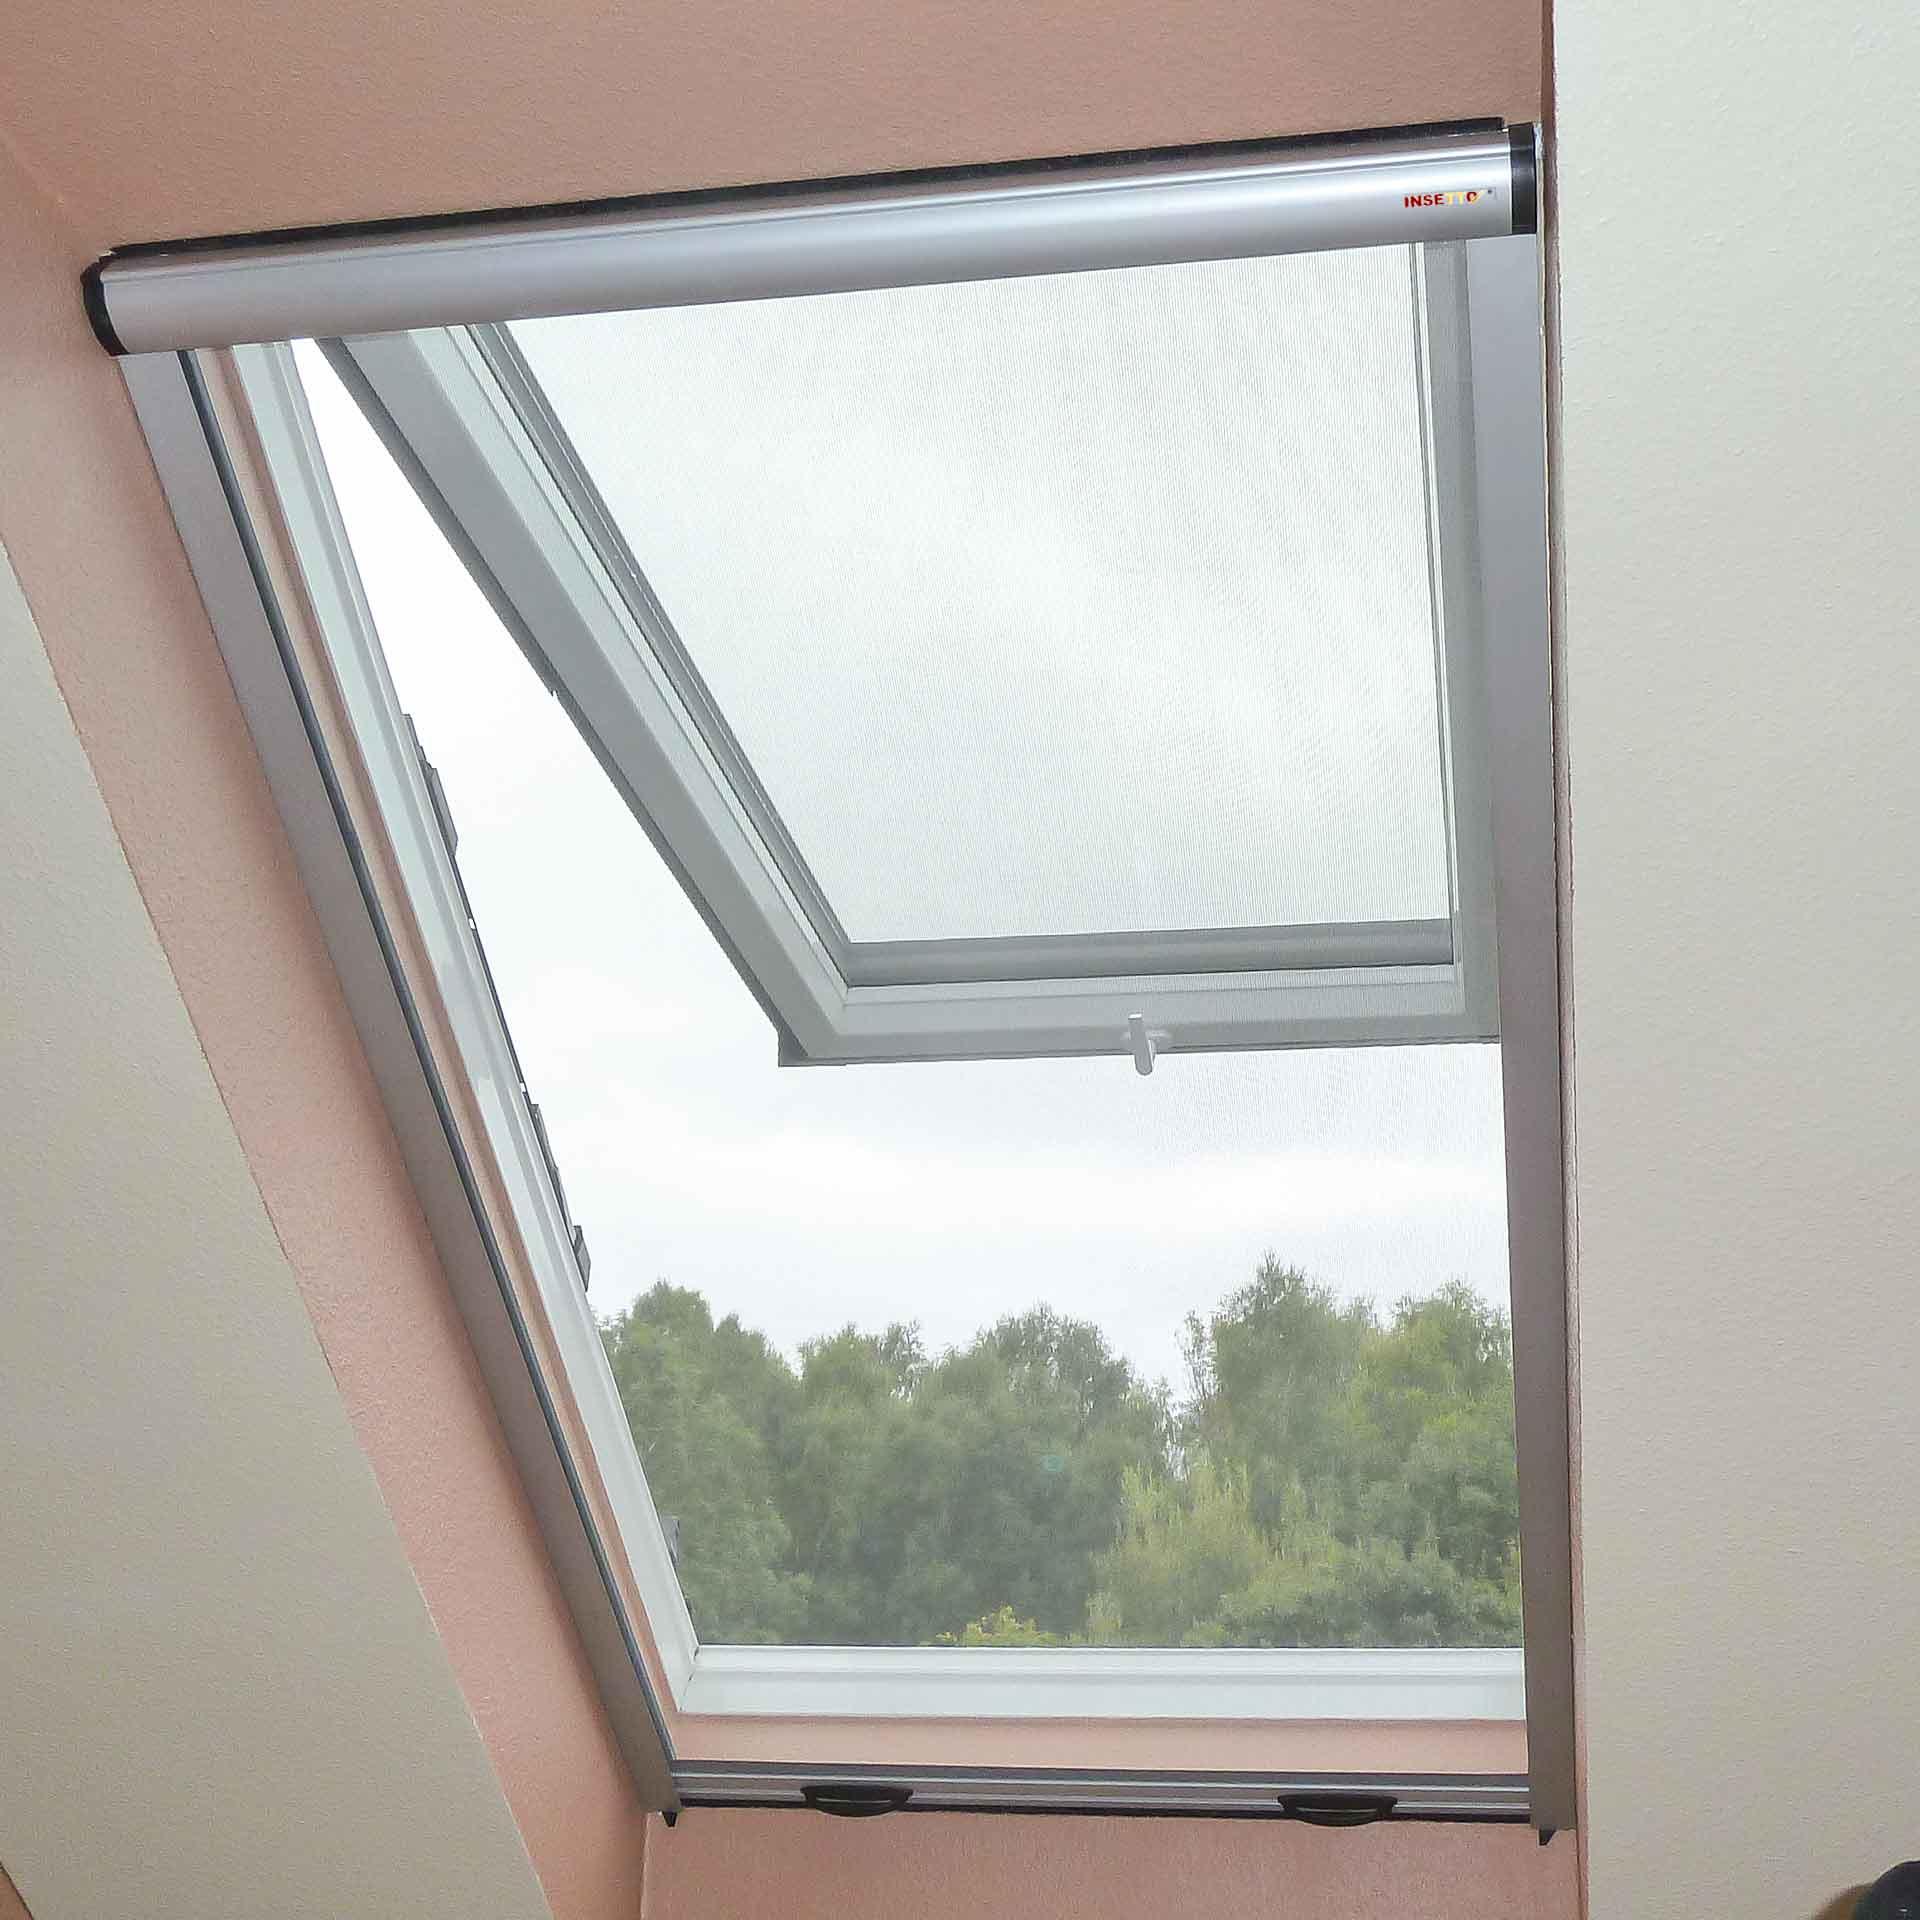 Insektenschutzrollo, auch für breite Dachfenster geeignet | Multiline